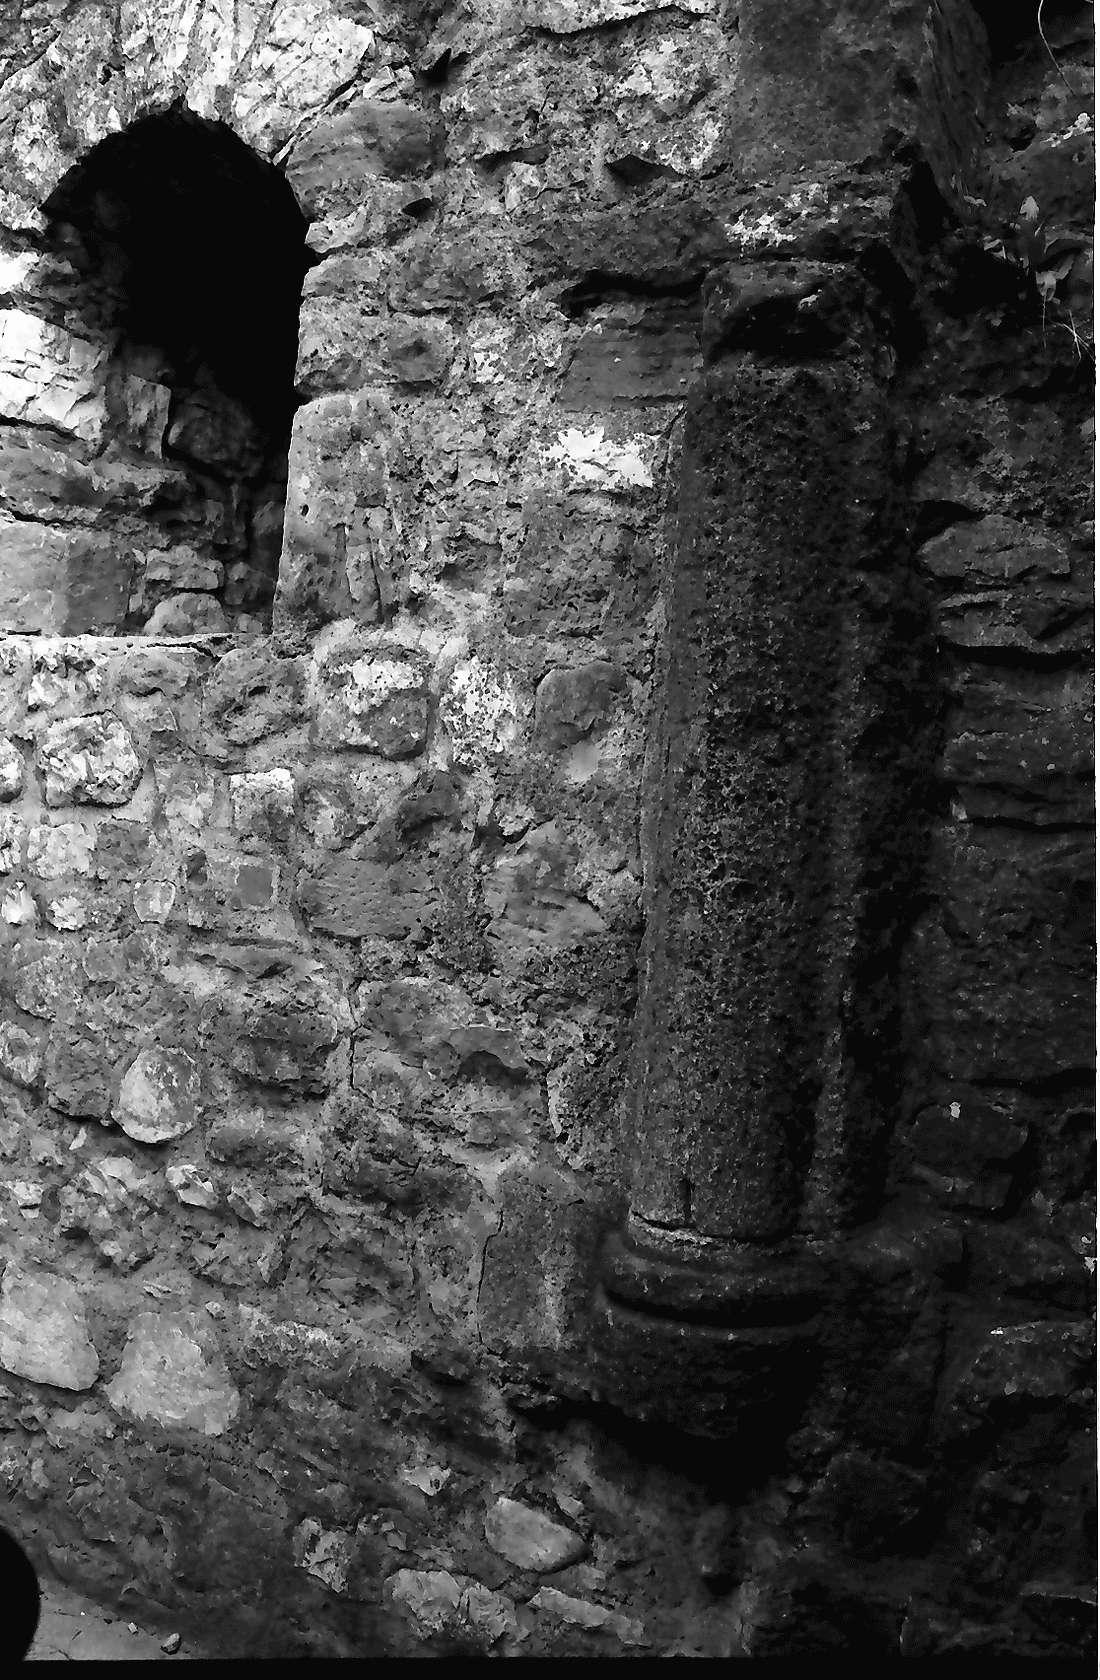 Staufen: Staufener Burg; Säulenrest im Turm, Bild 2